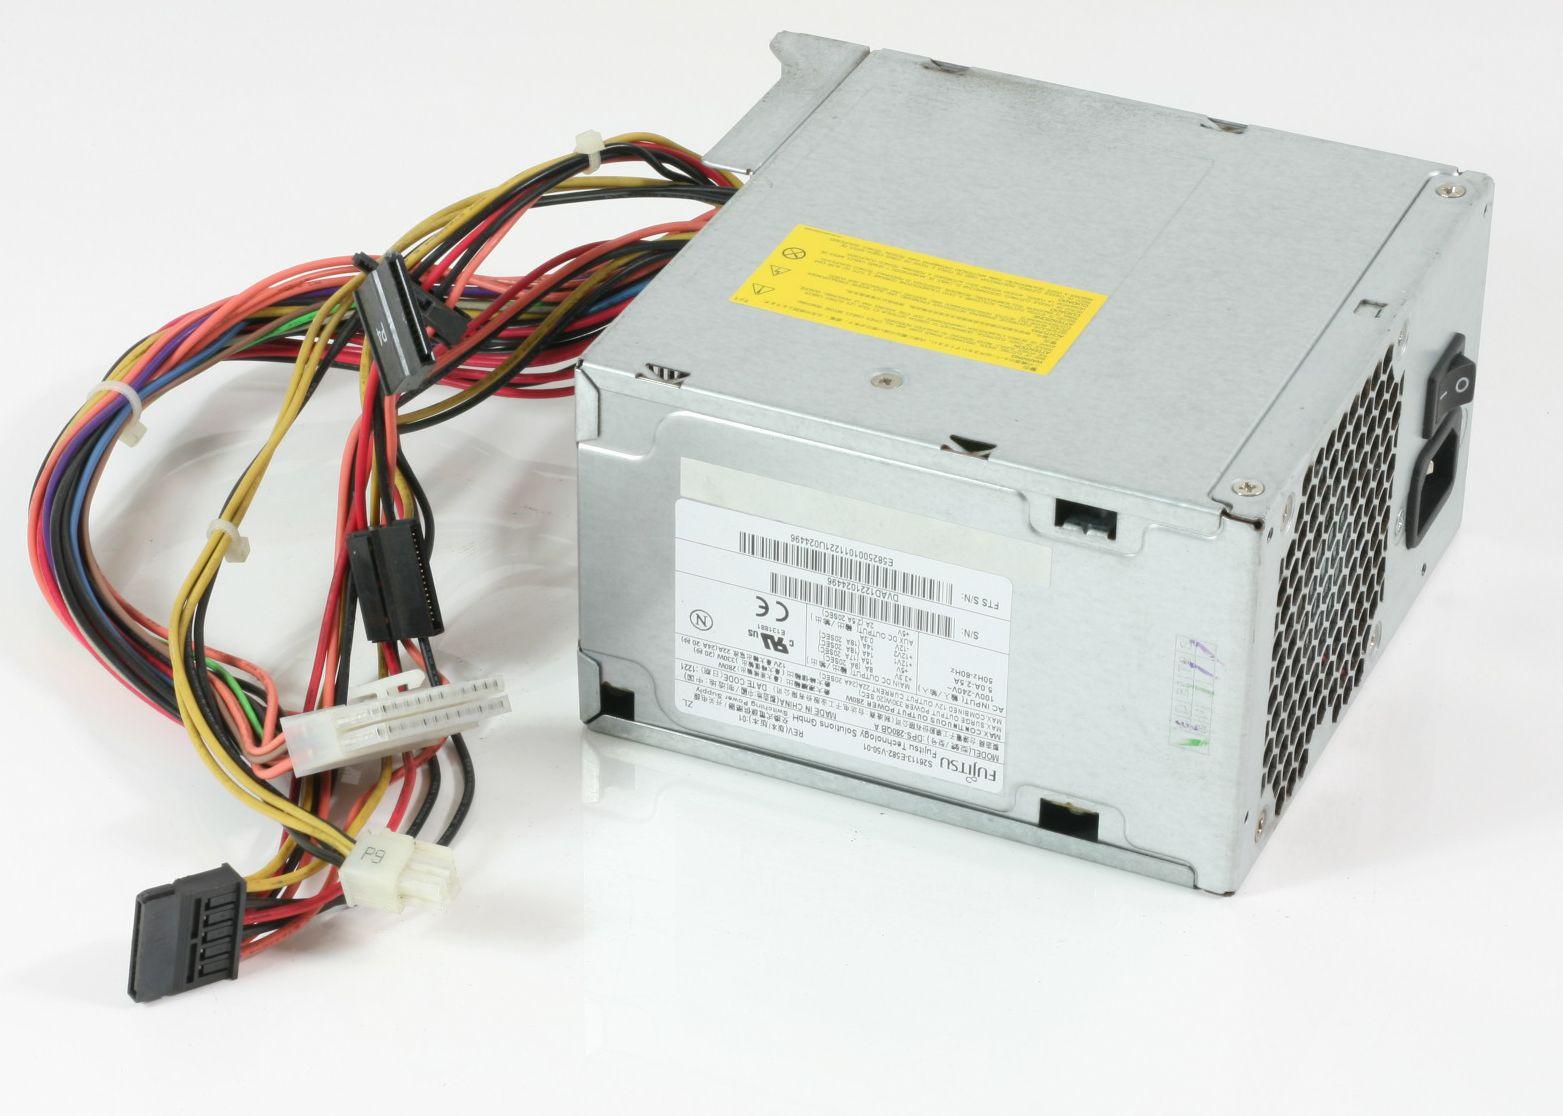 Netzteil ATX Fujitsu S26113-E582-V50-01 für Esprimo 280W DPS-280QB A gebraucht